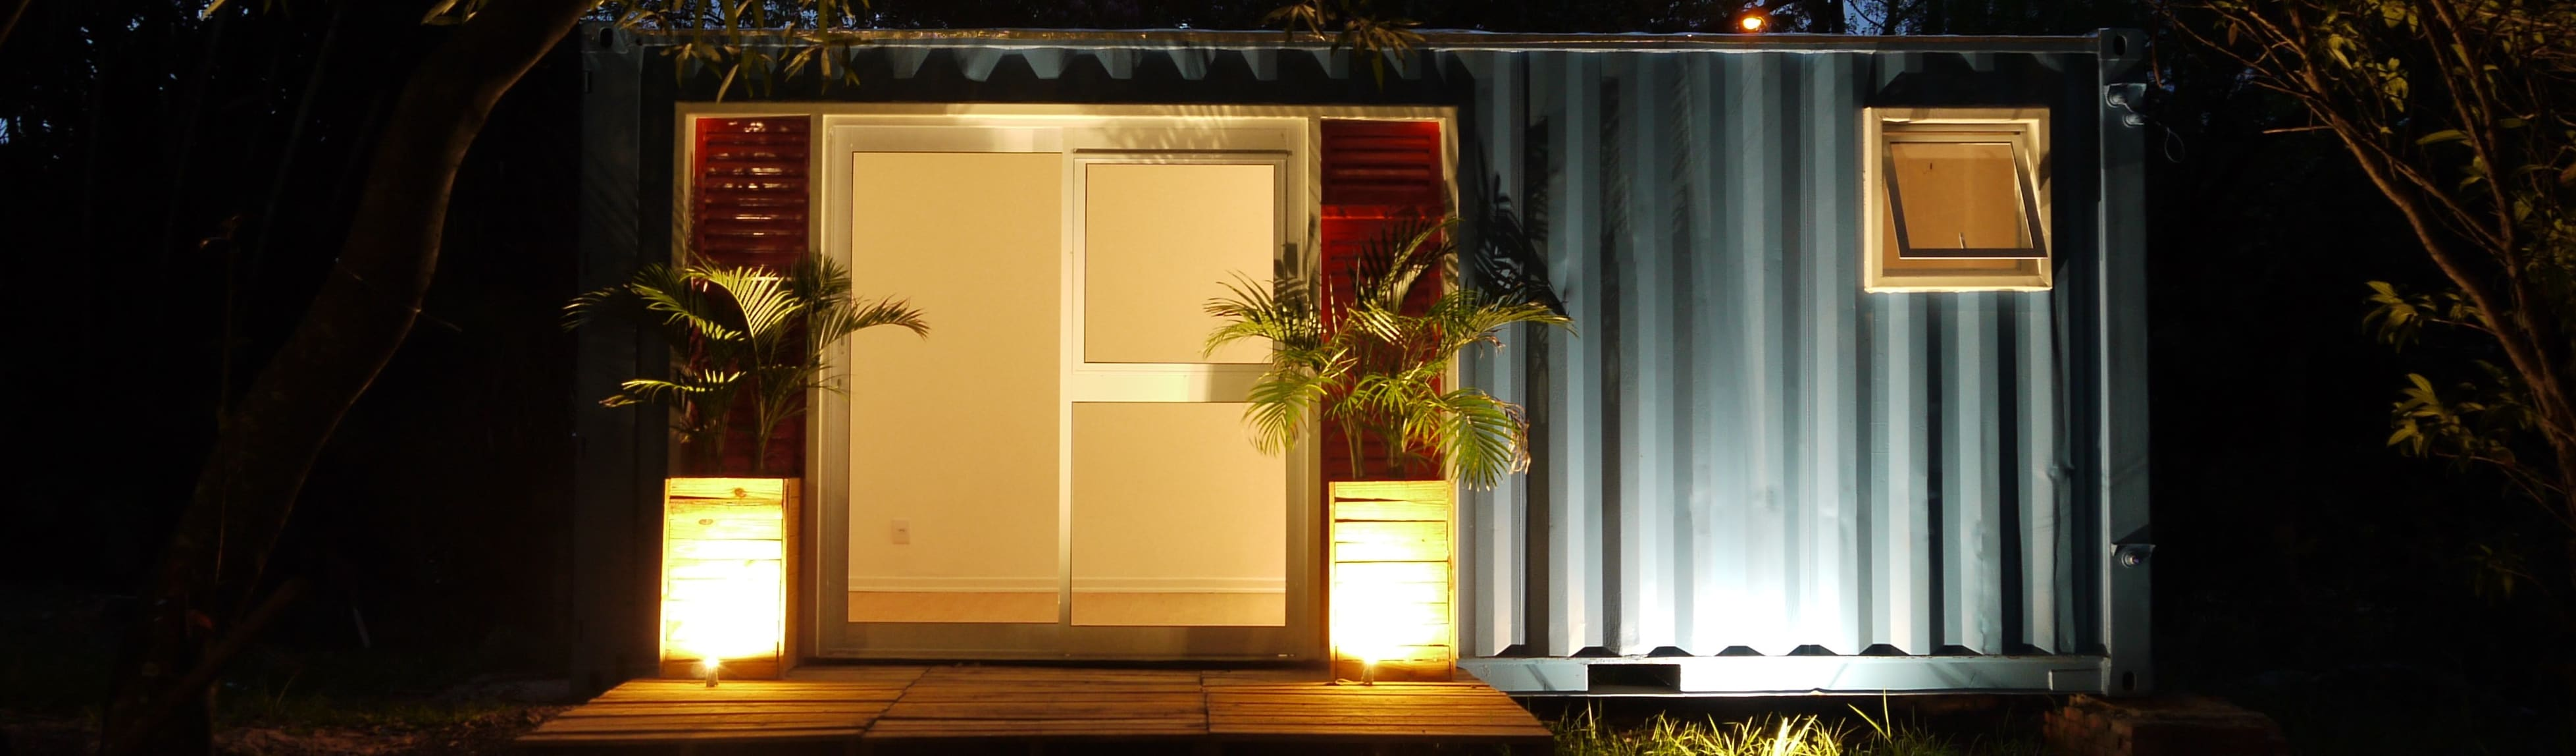 Casa Container Marilia – Arquitetura em Container